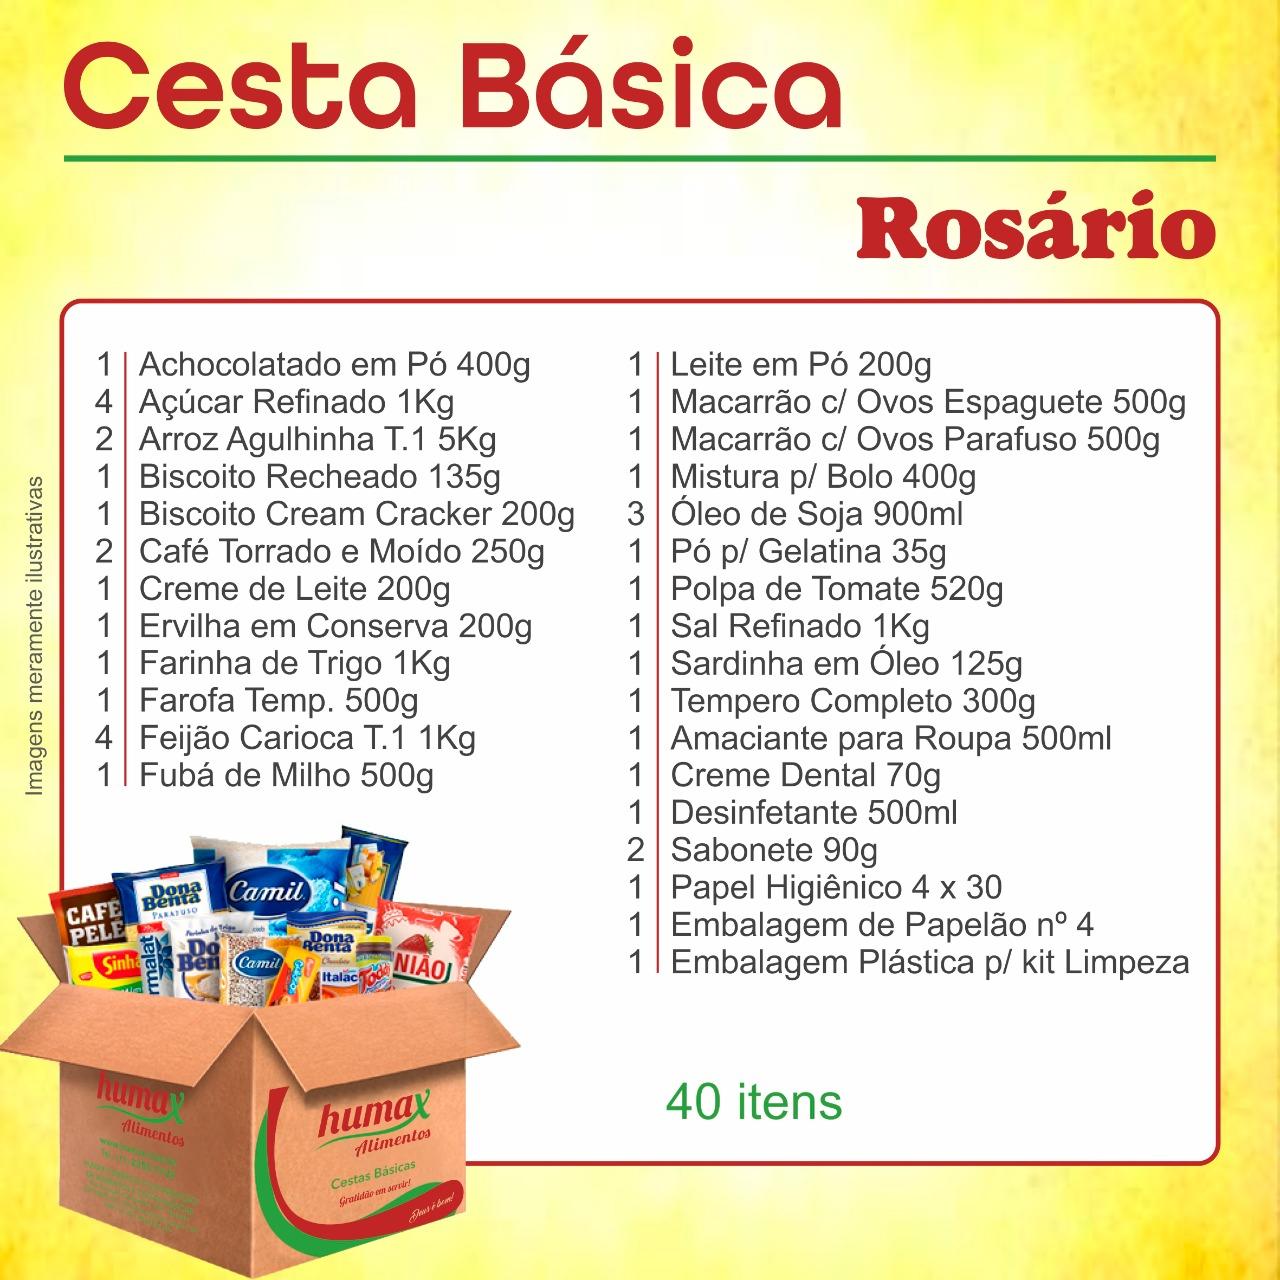 Cesta Básica Rosário 40 itens Humax Alimentos caixa CX